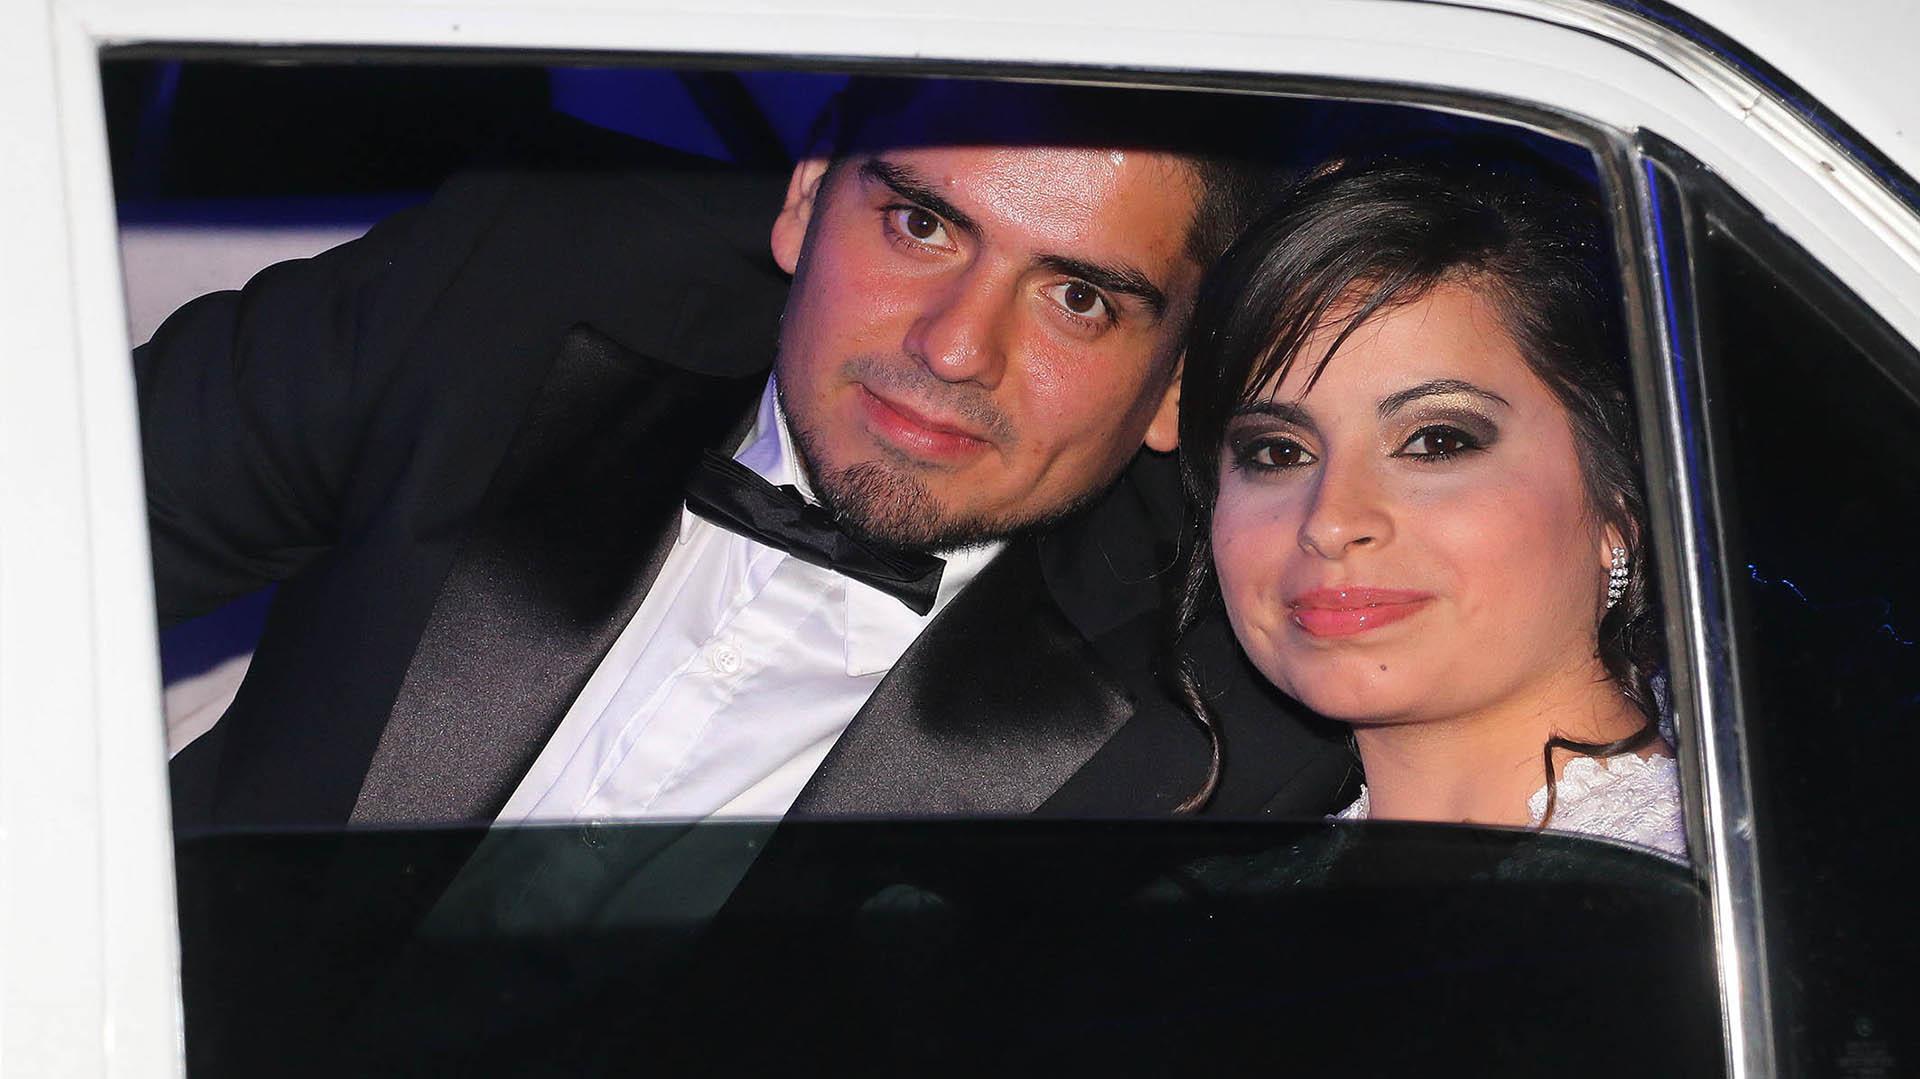 Diego y Daniela lograron tener una gran fiesta gracias a la solidaridad de muchas personas